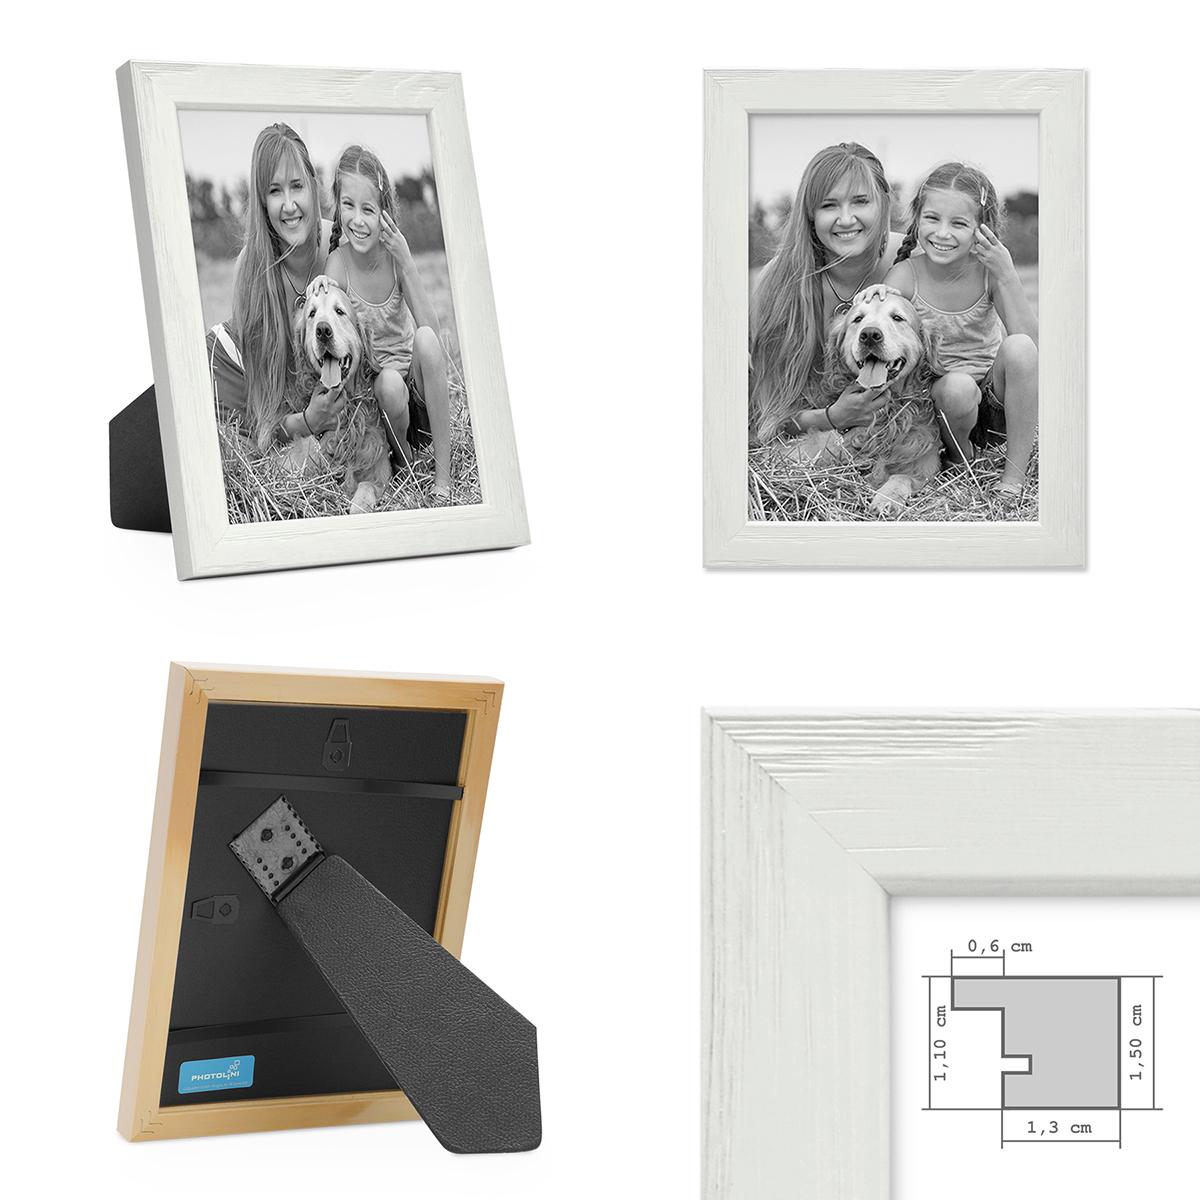 Bilderrahmen Weiss Mit Acrylglas 10x15 Cm